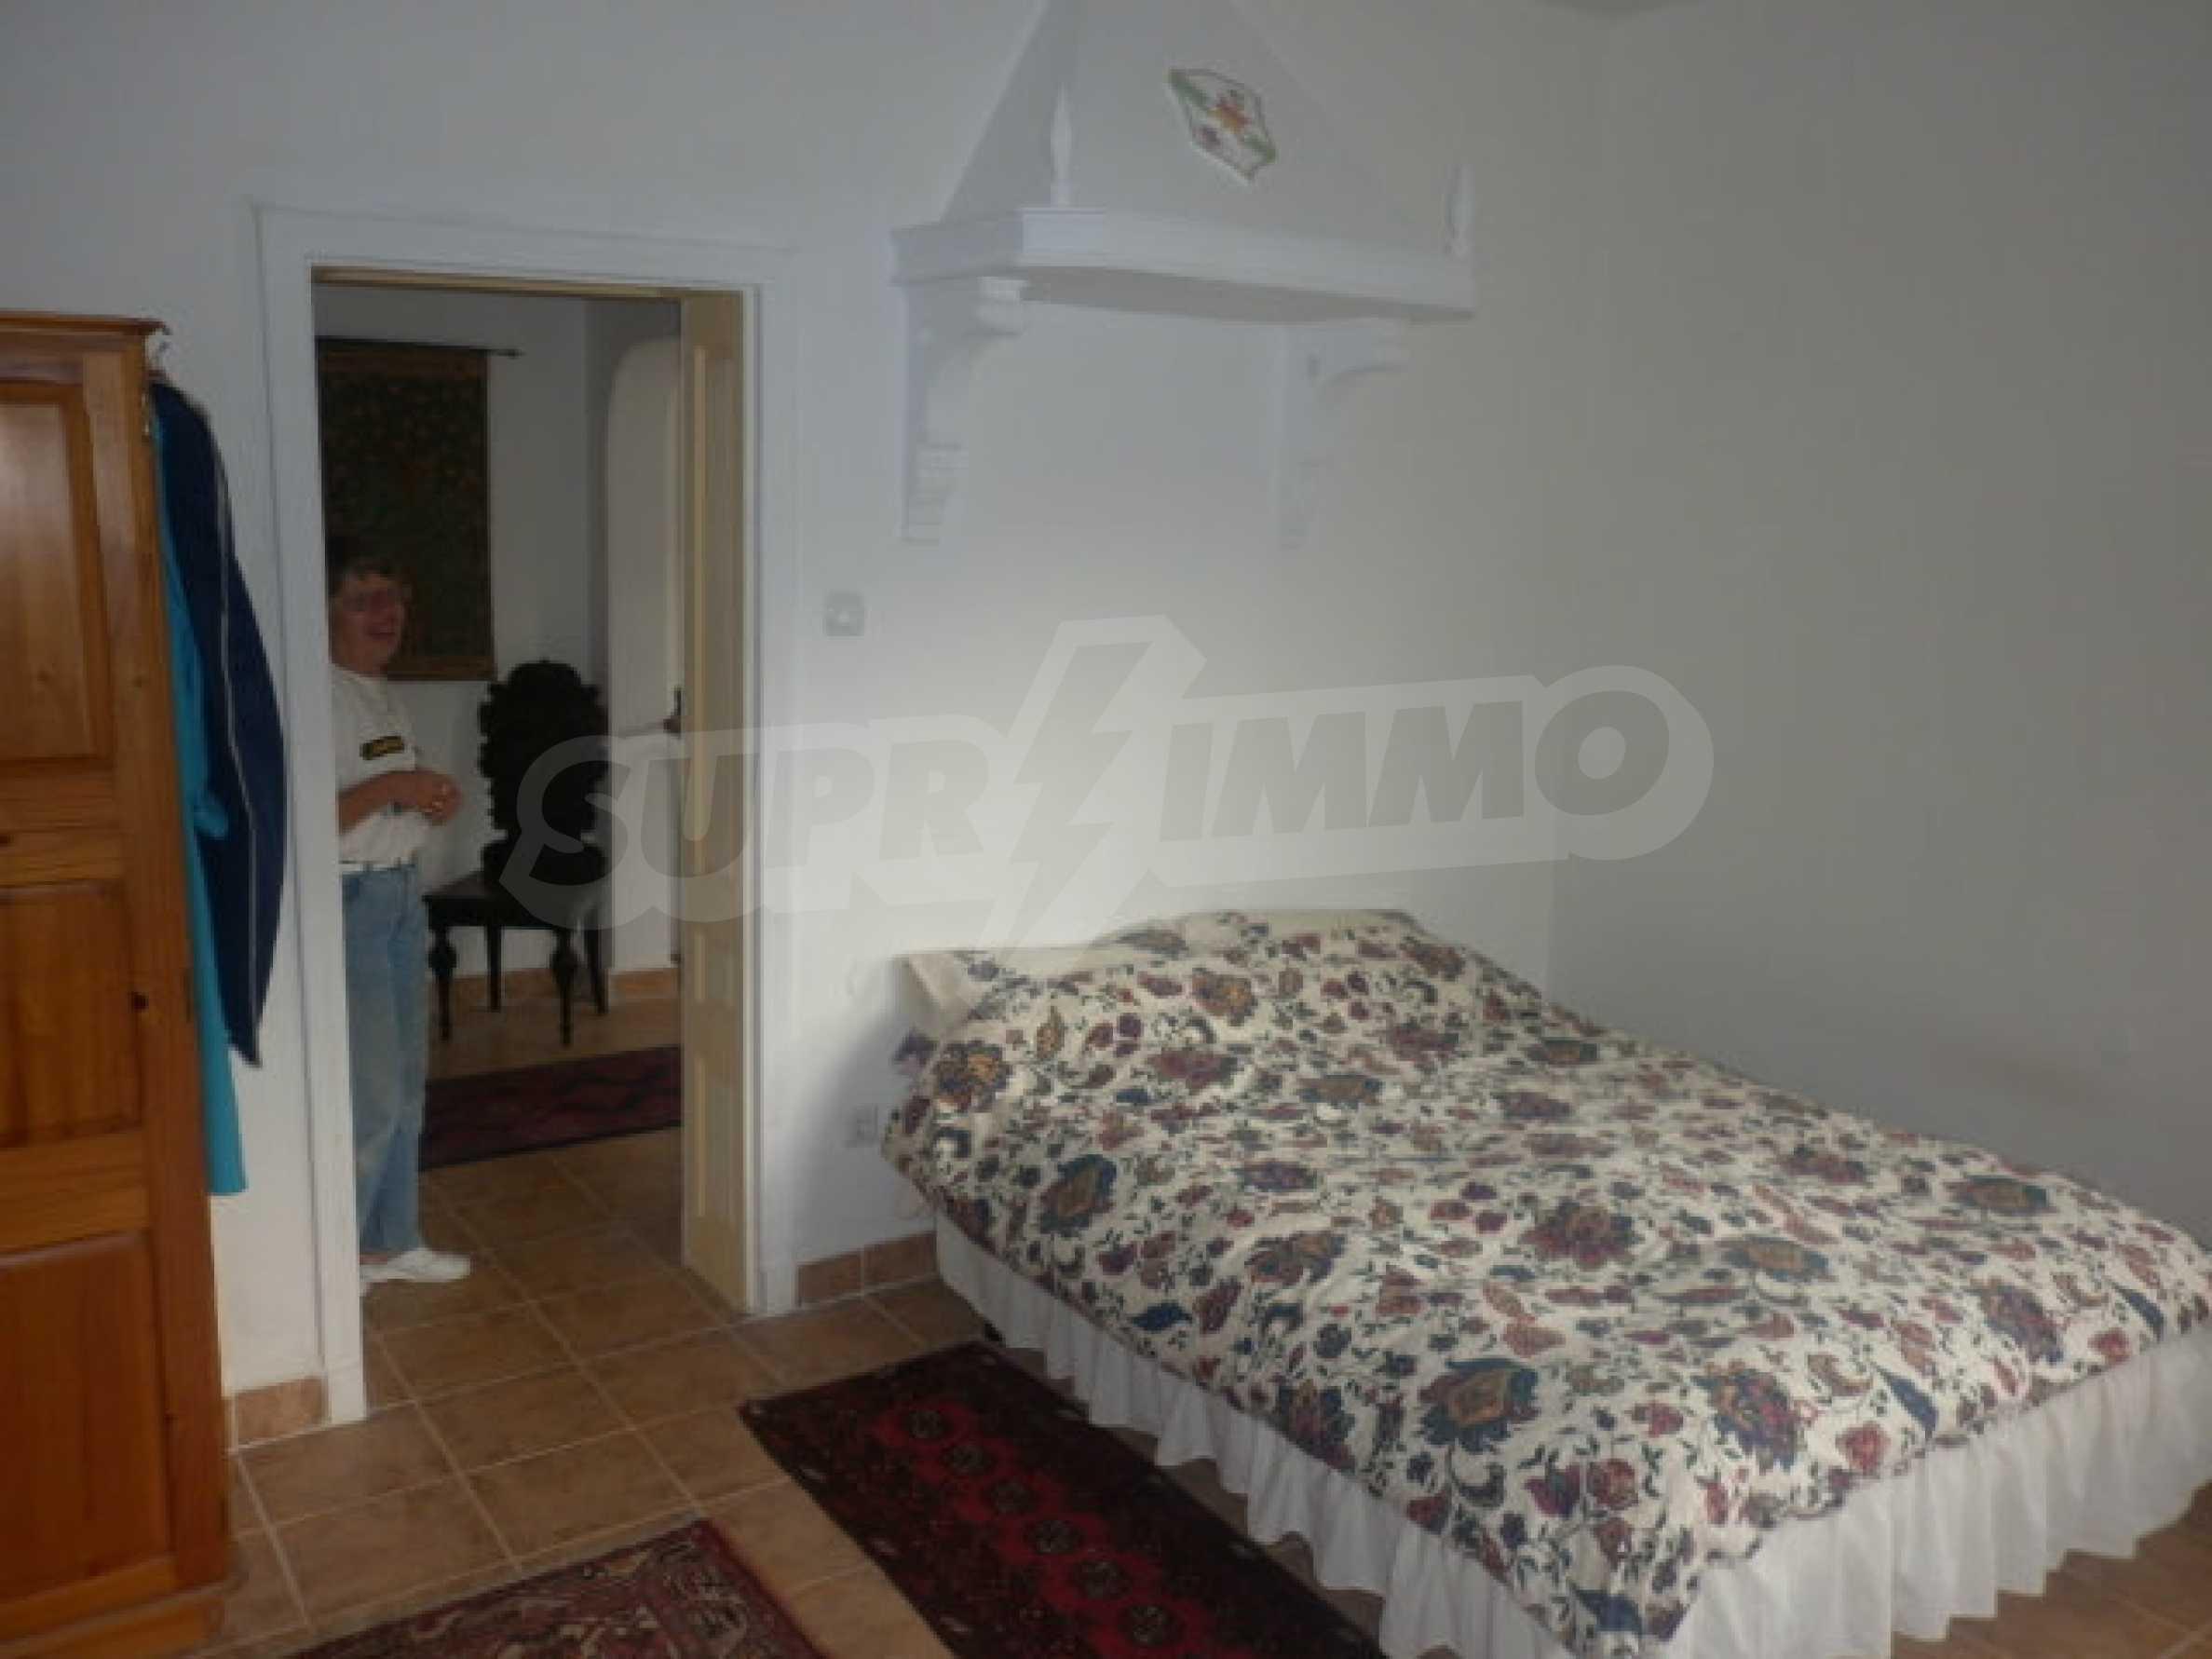 Большой дом в прекрасном состоянии возле города Враца 7